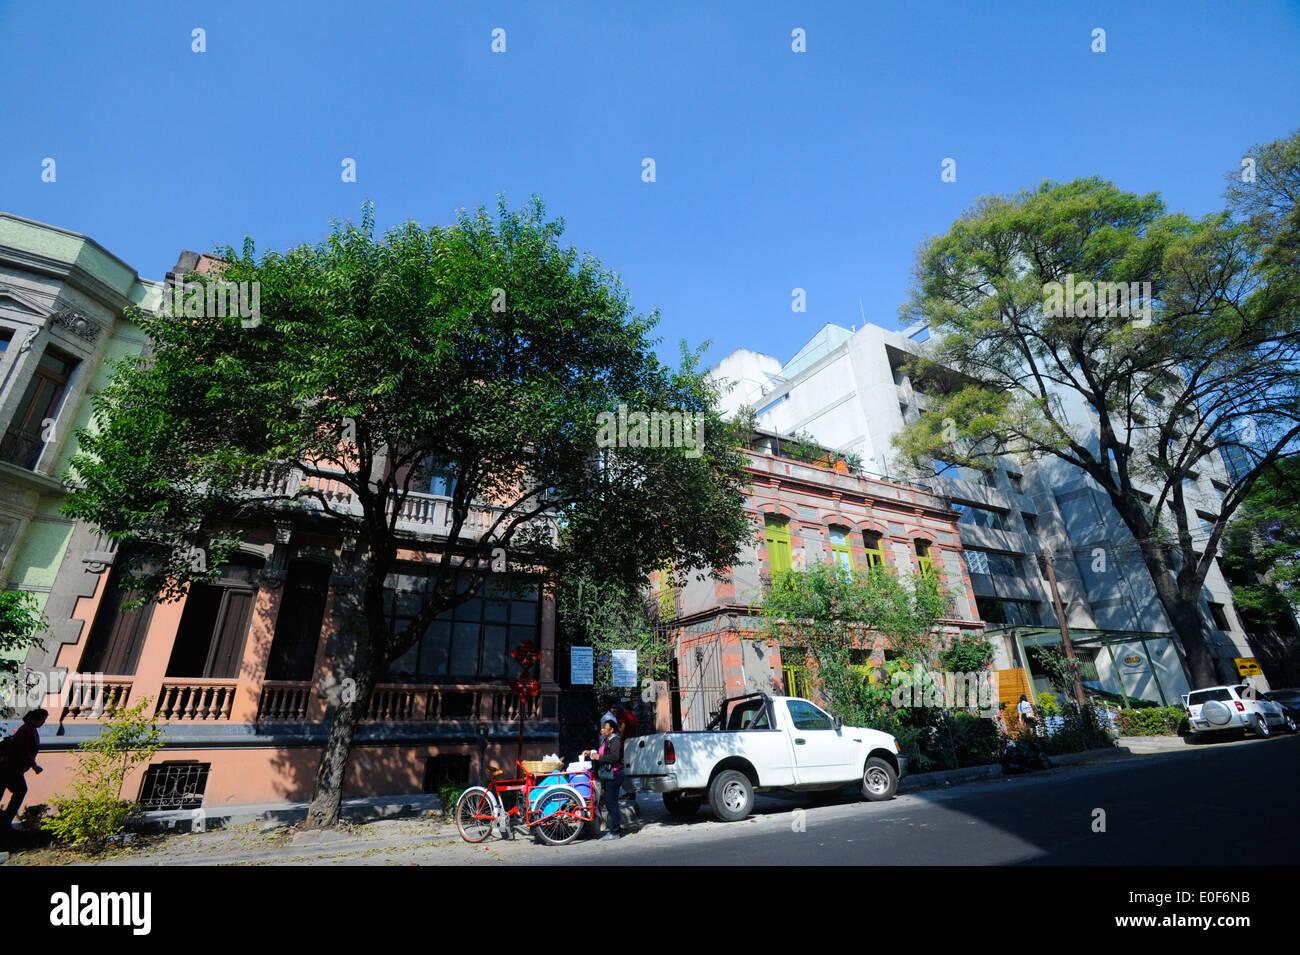 Zona Rosa neighborhood of Mexico City, Mexico Stock Photo